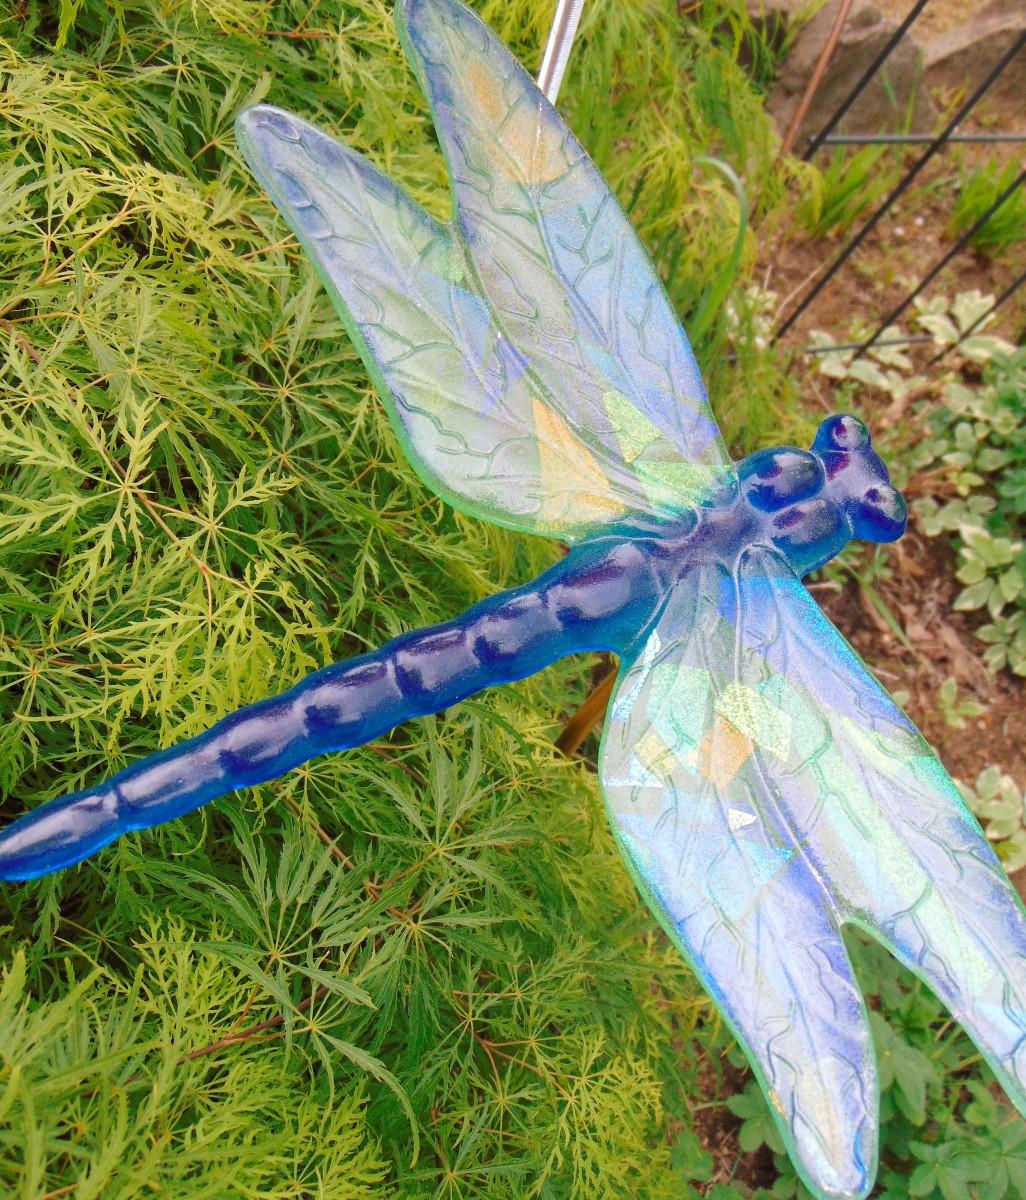 Dragonfly Yard Art